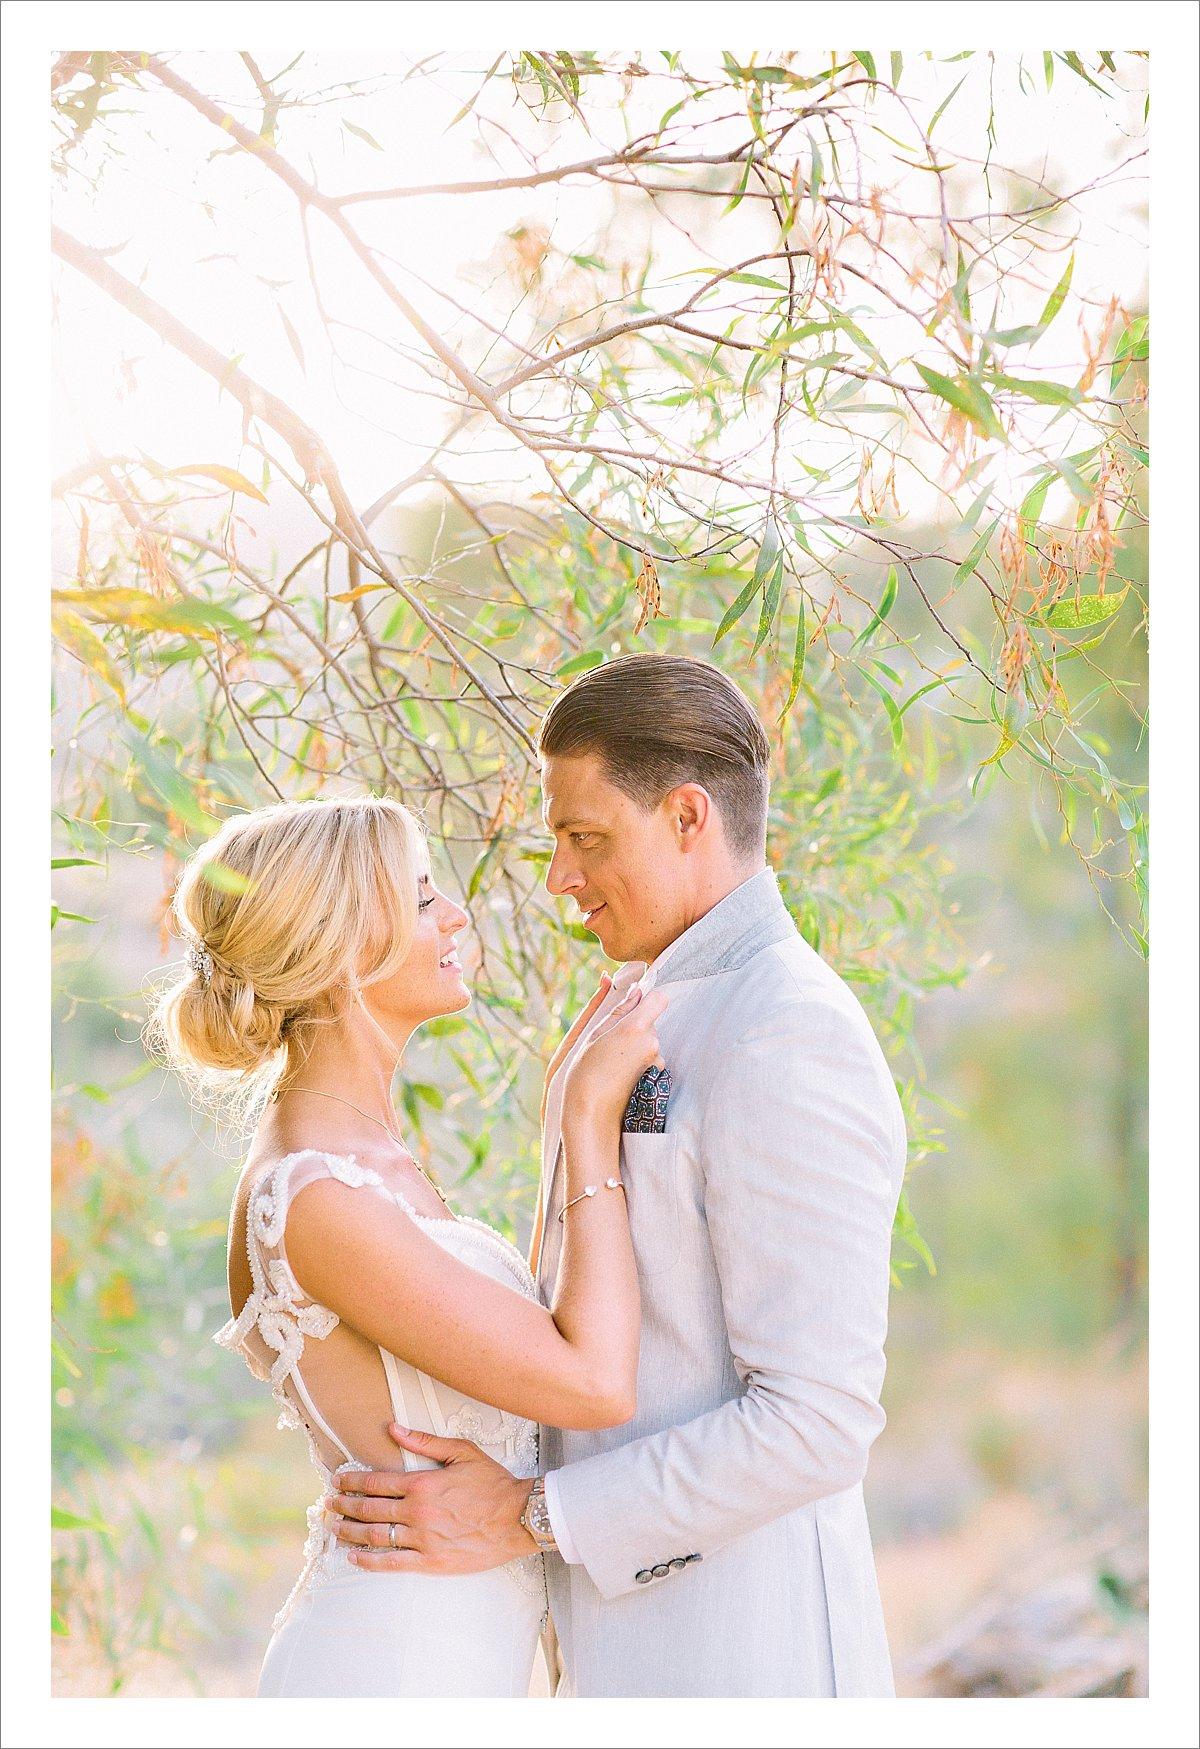 rosa-blanca-wedding-venue-spain-163549